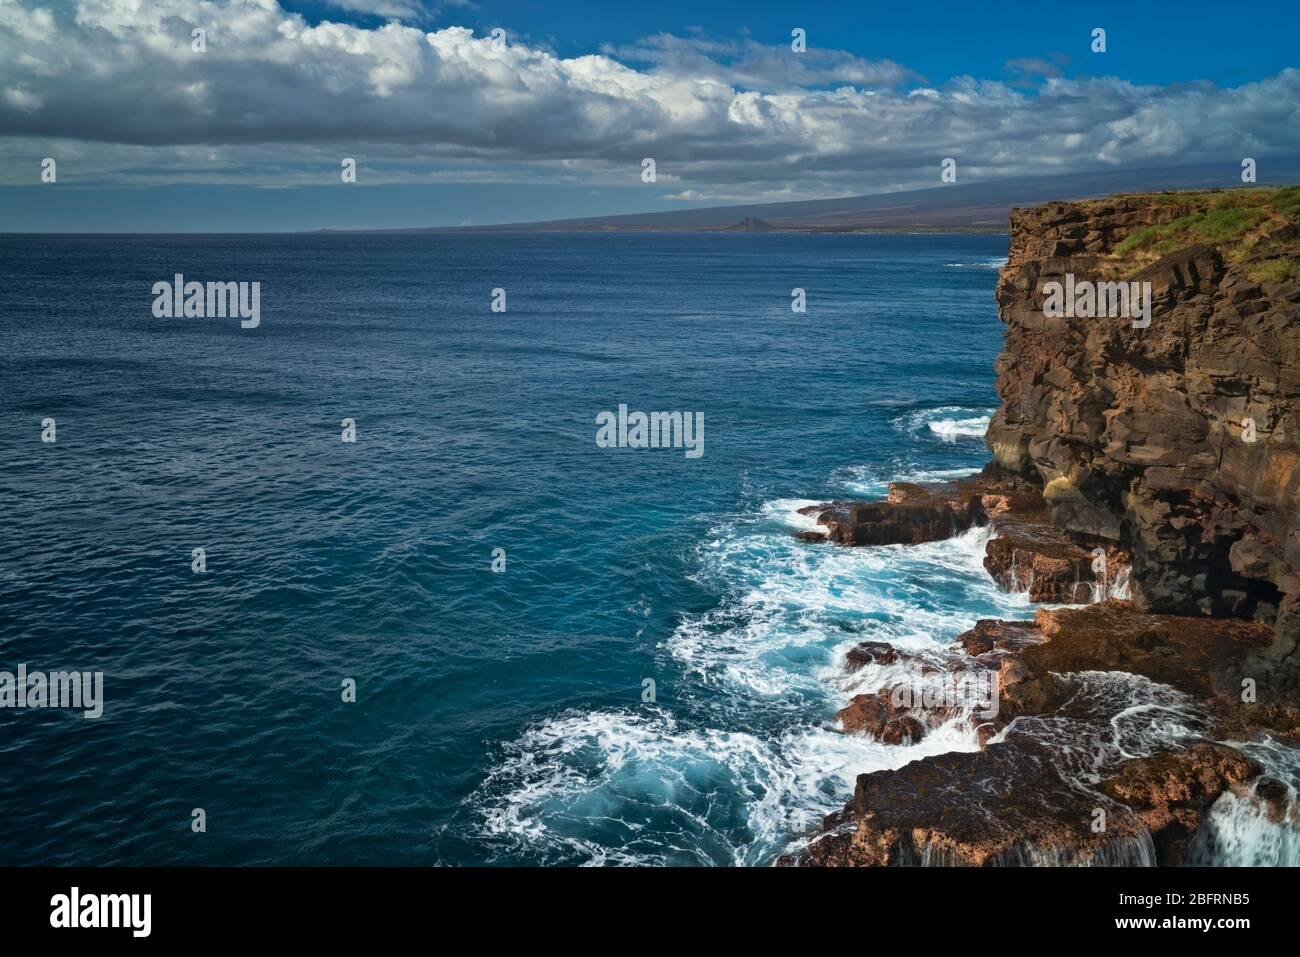 Le onde si schiantano contro le scogliere vulcaniche a South Point sulla Big Island delle Hawaii e la posizione più meridionale degli Stati Uniti. Foto Stock